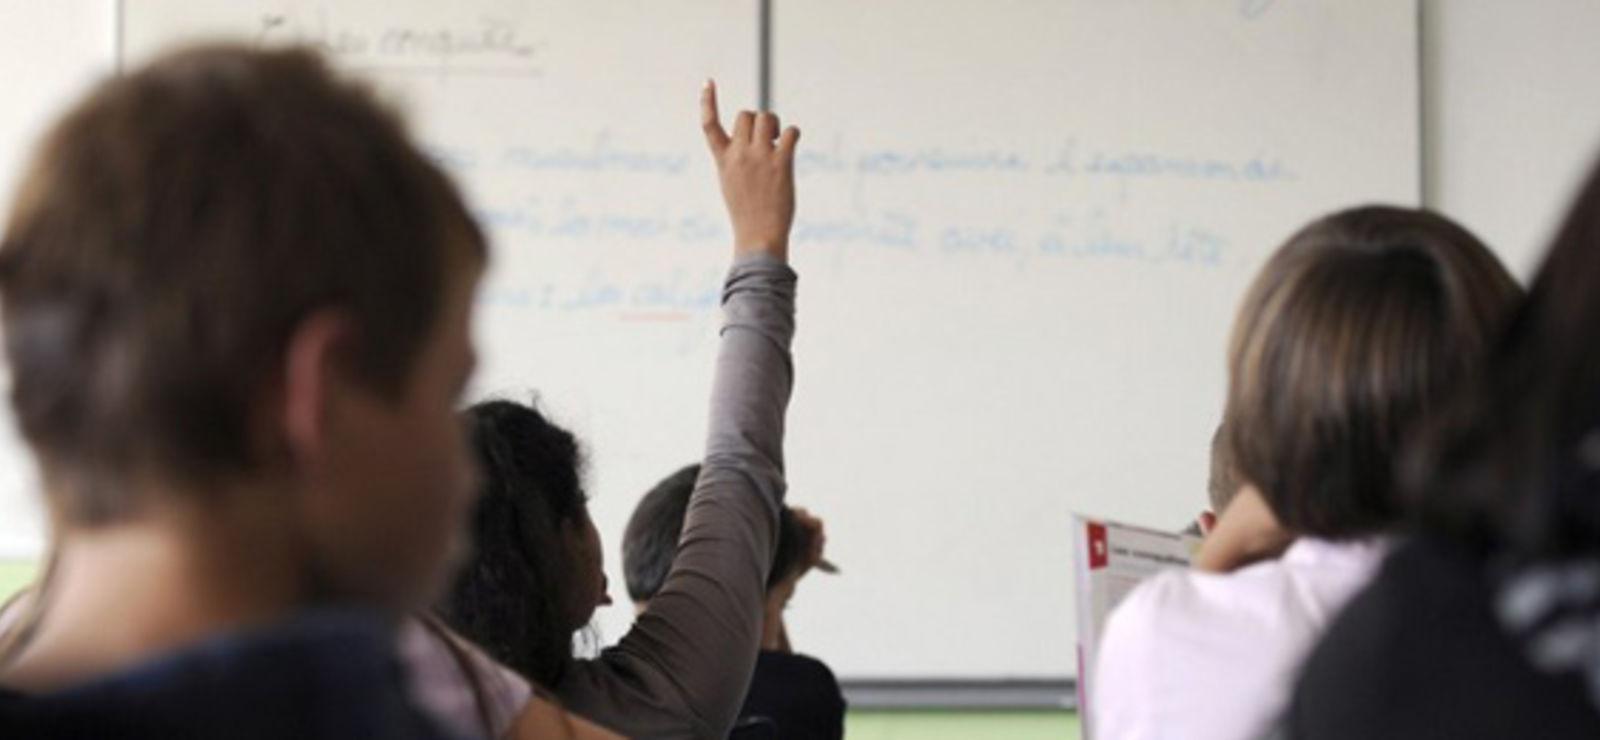 Réforme du collège : l'enseignement du christianisme n'est pas liquidé au profit de l'islam